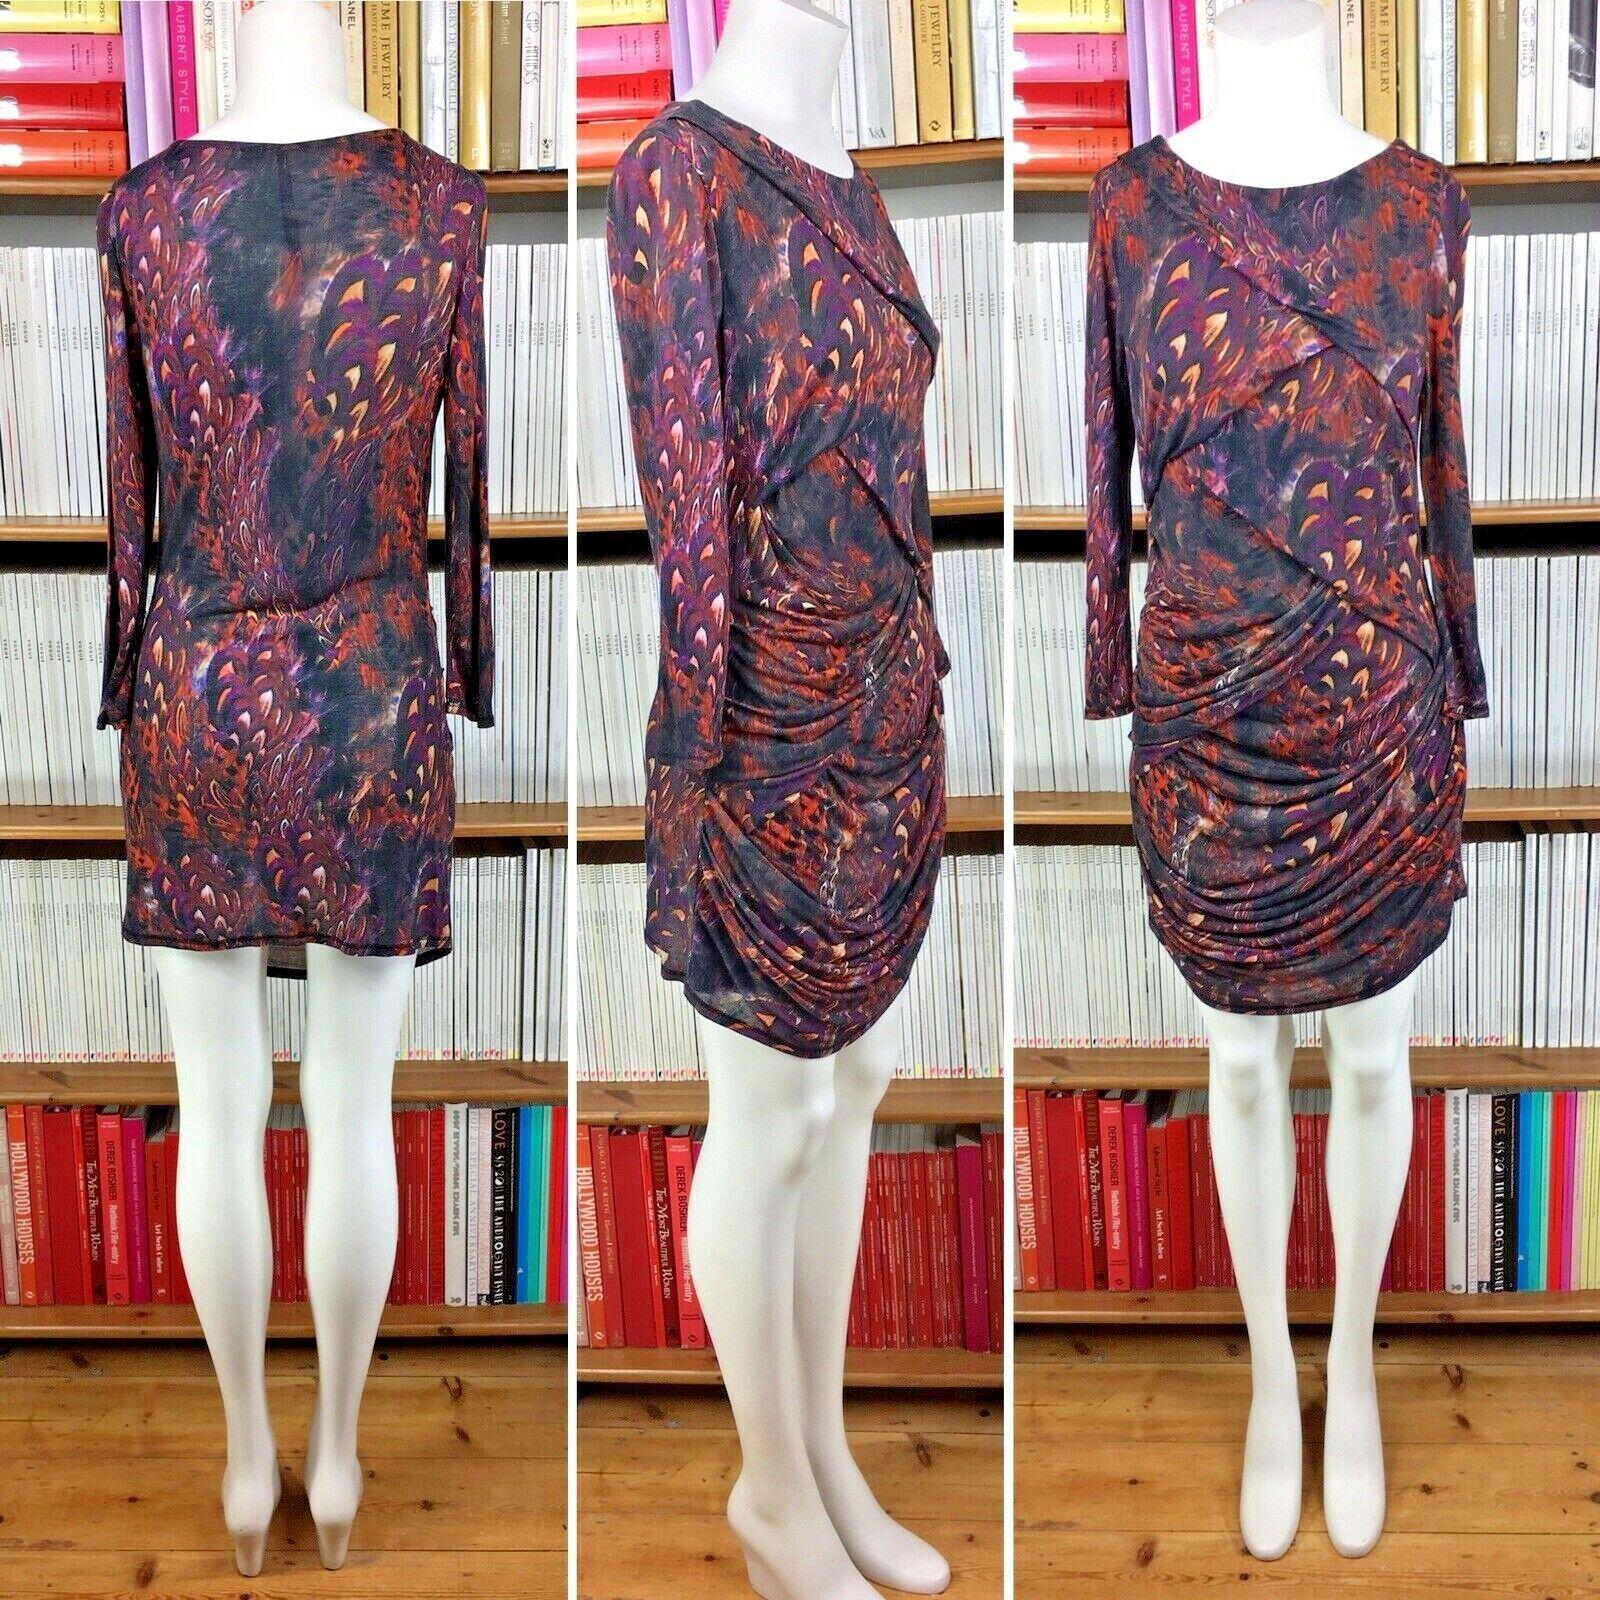 KAREN MILLEN dress jersey draped feather firebird print stretchy US 6